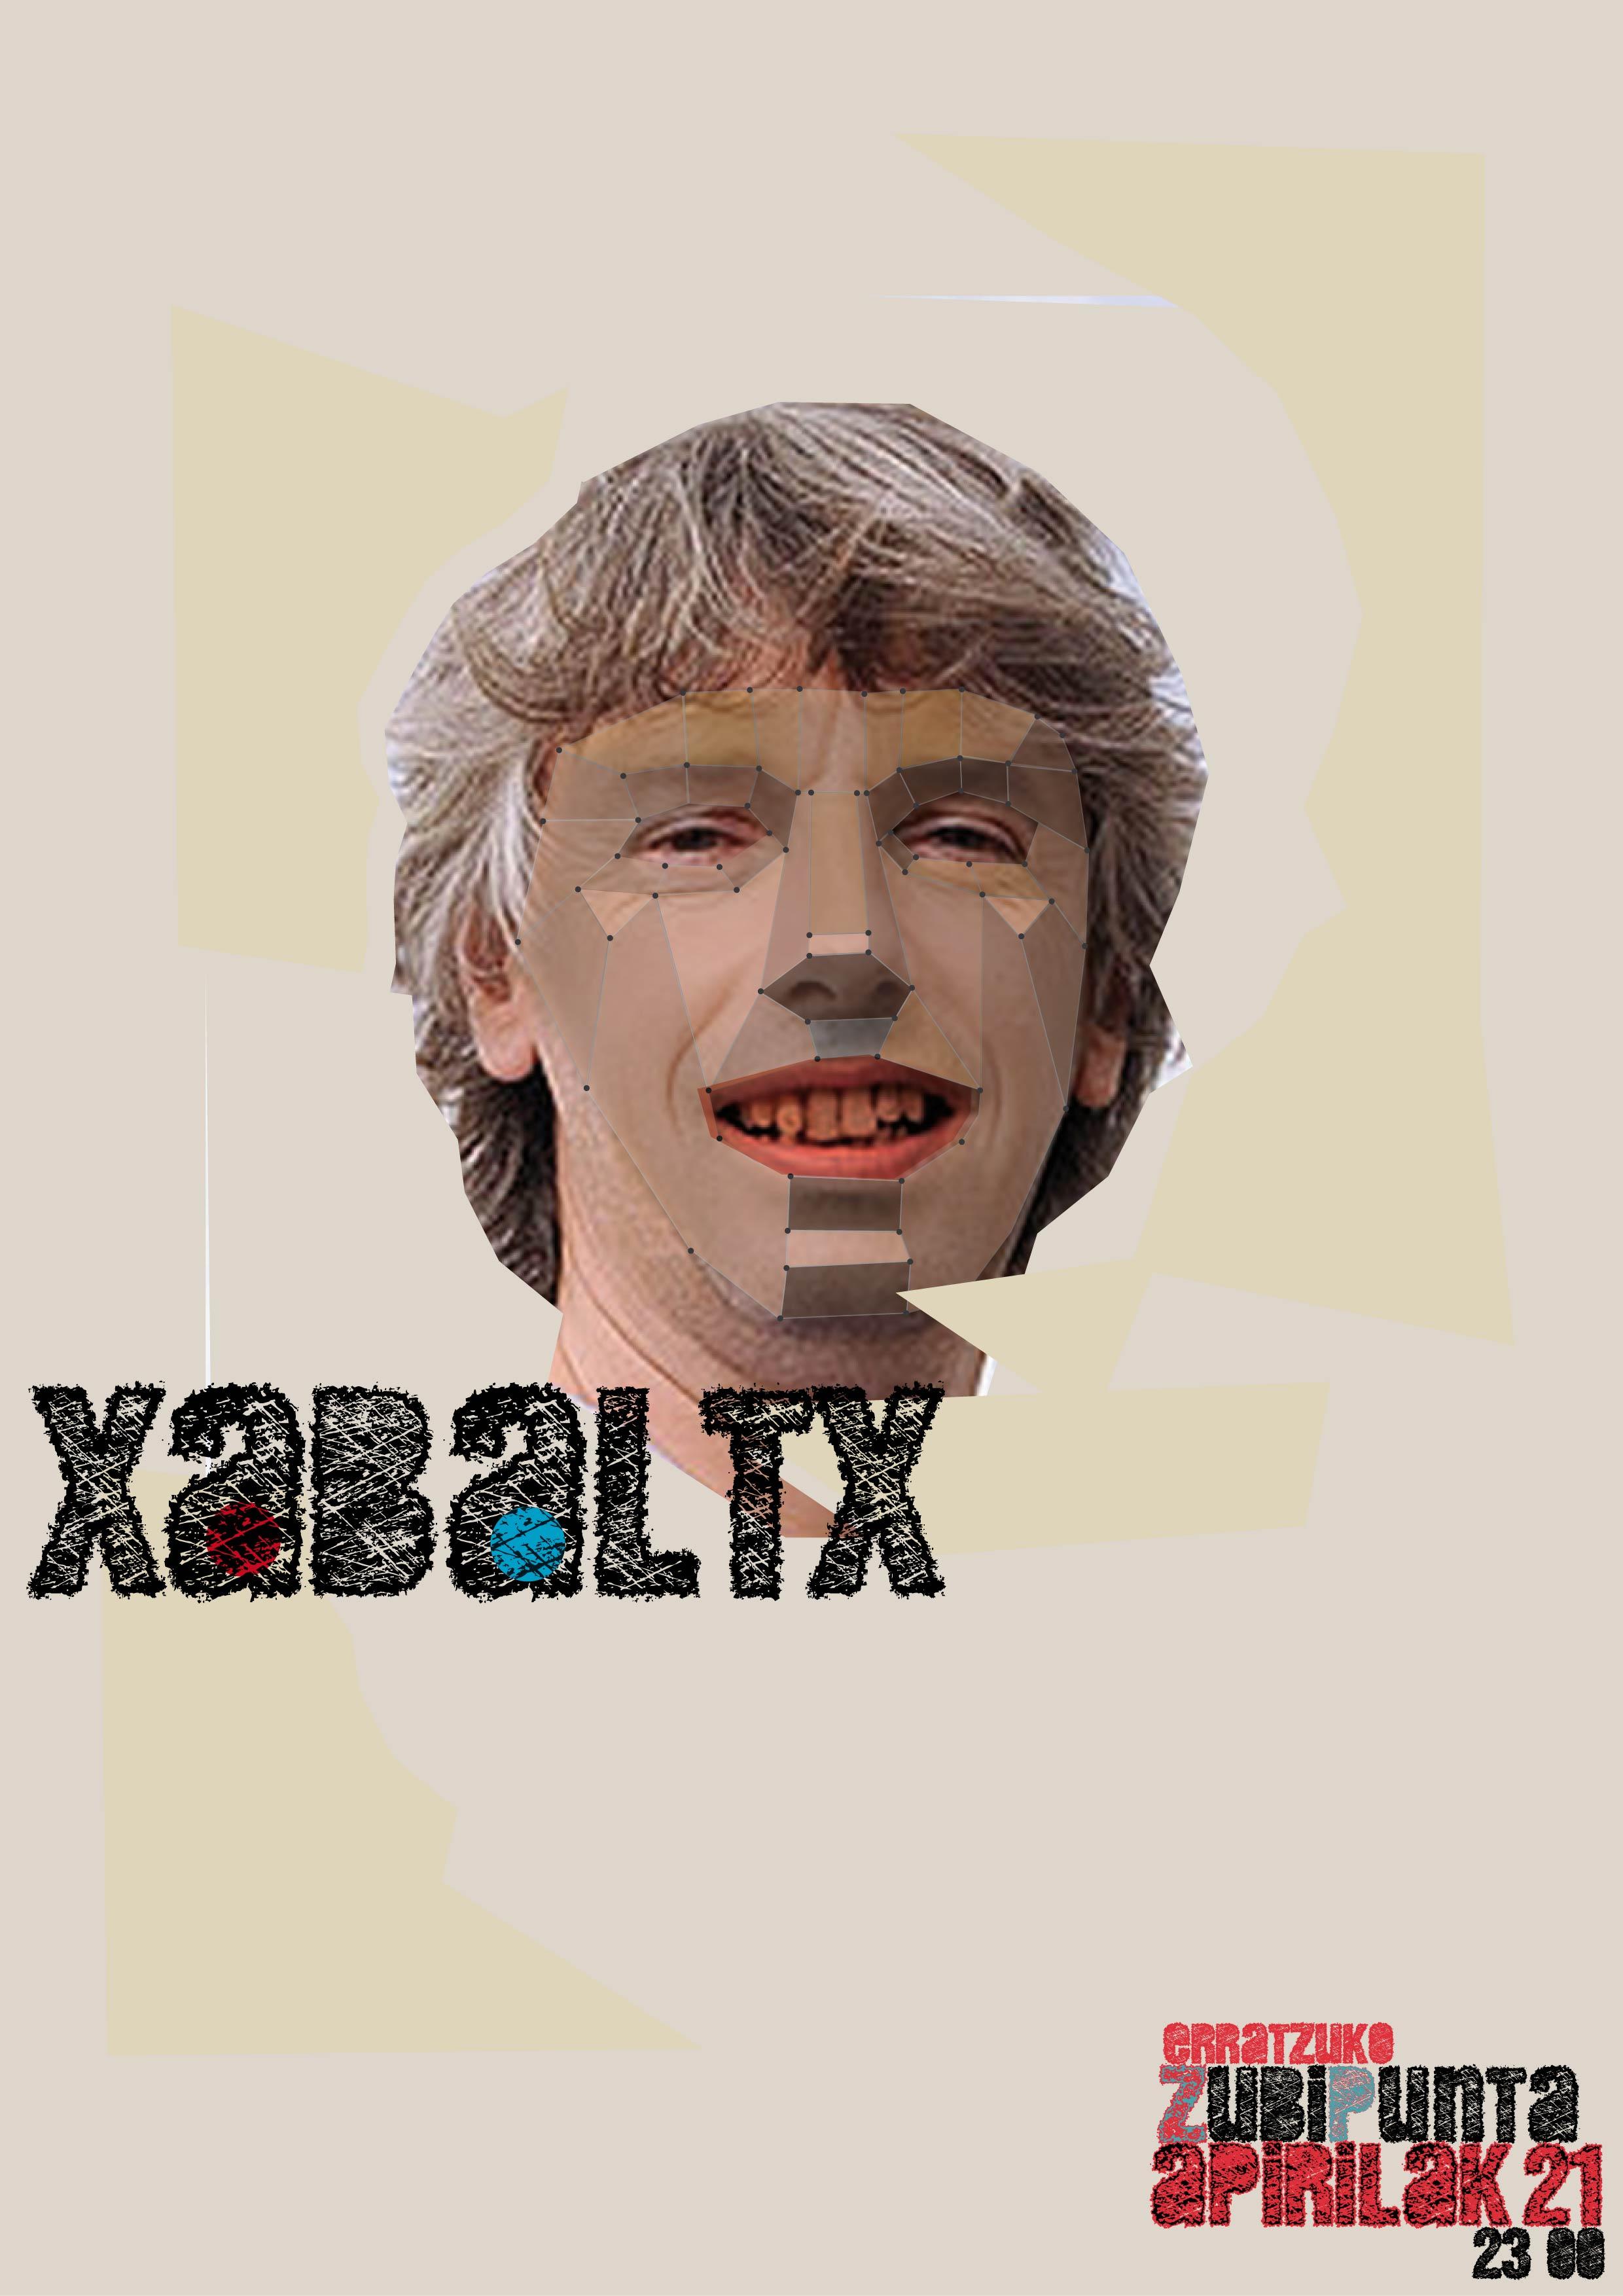 XABALTX